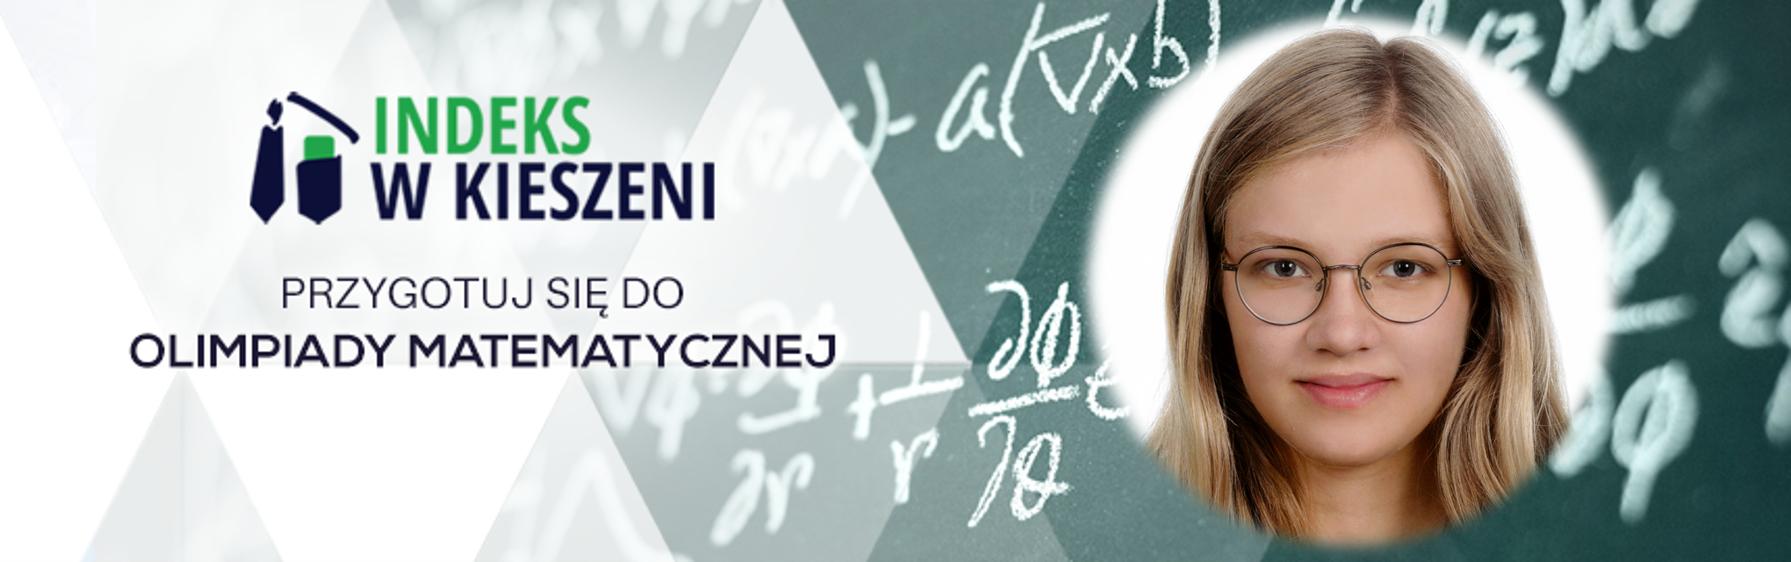 Olimpiada Matematyczna, grafika Indeksu w Kieszeni